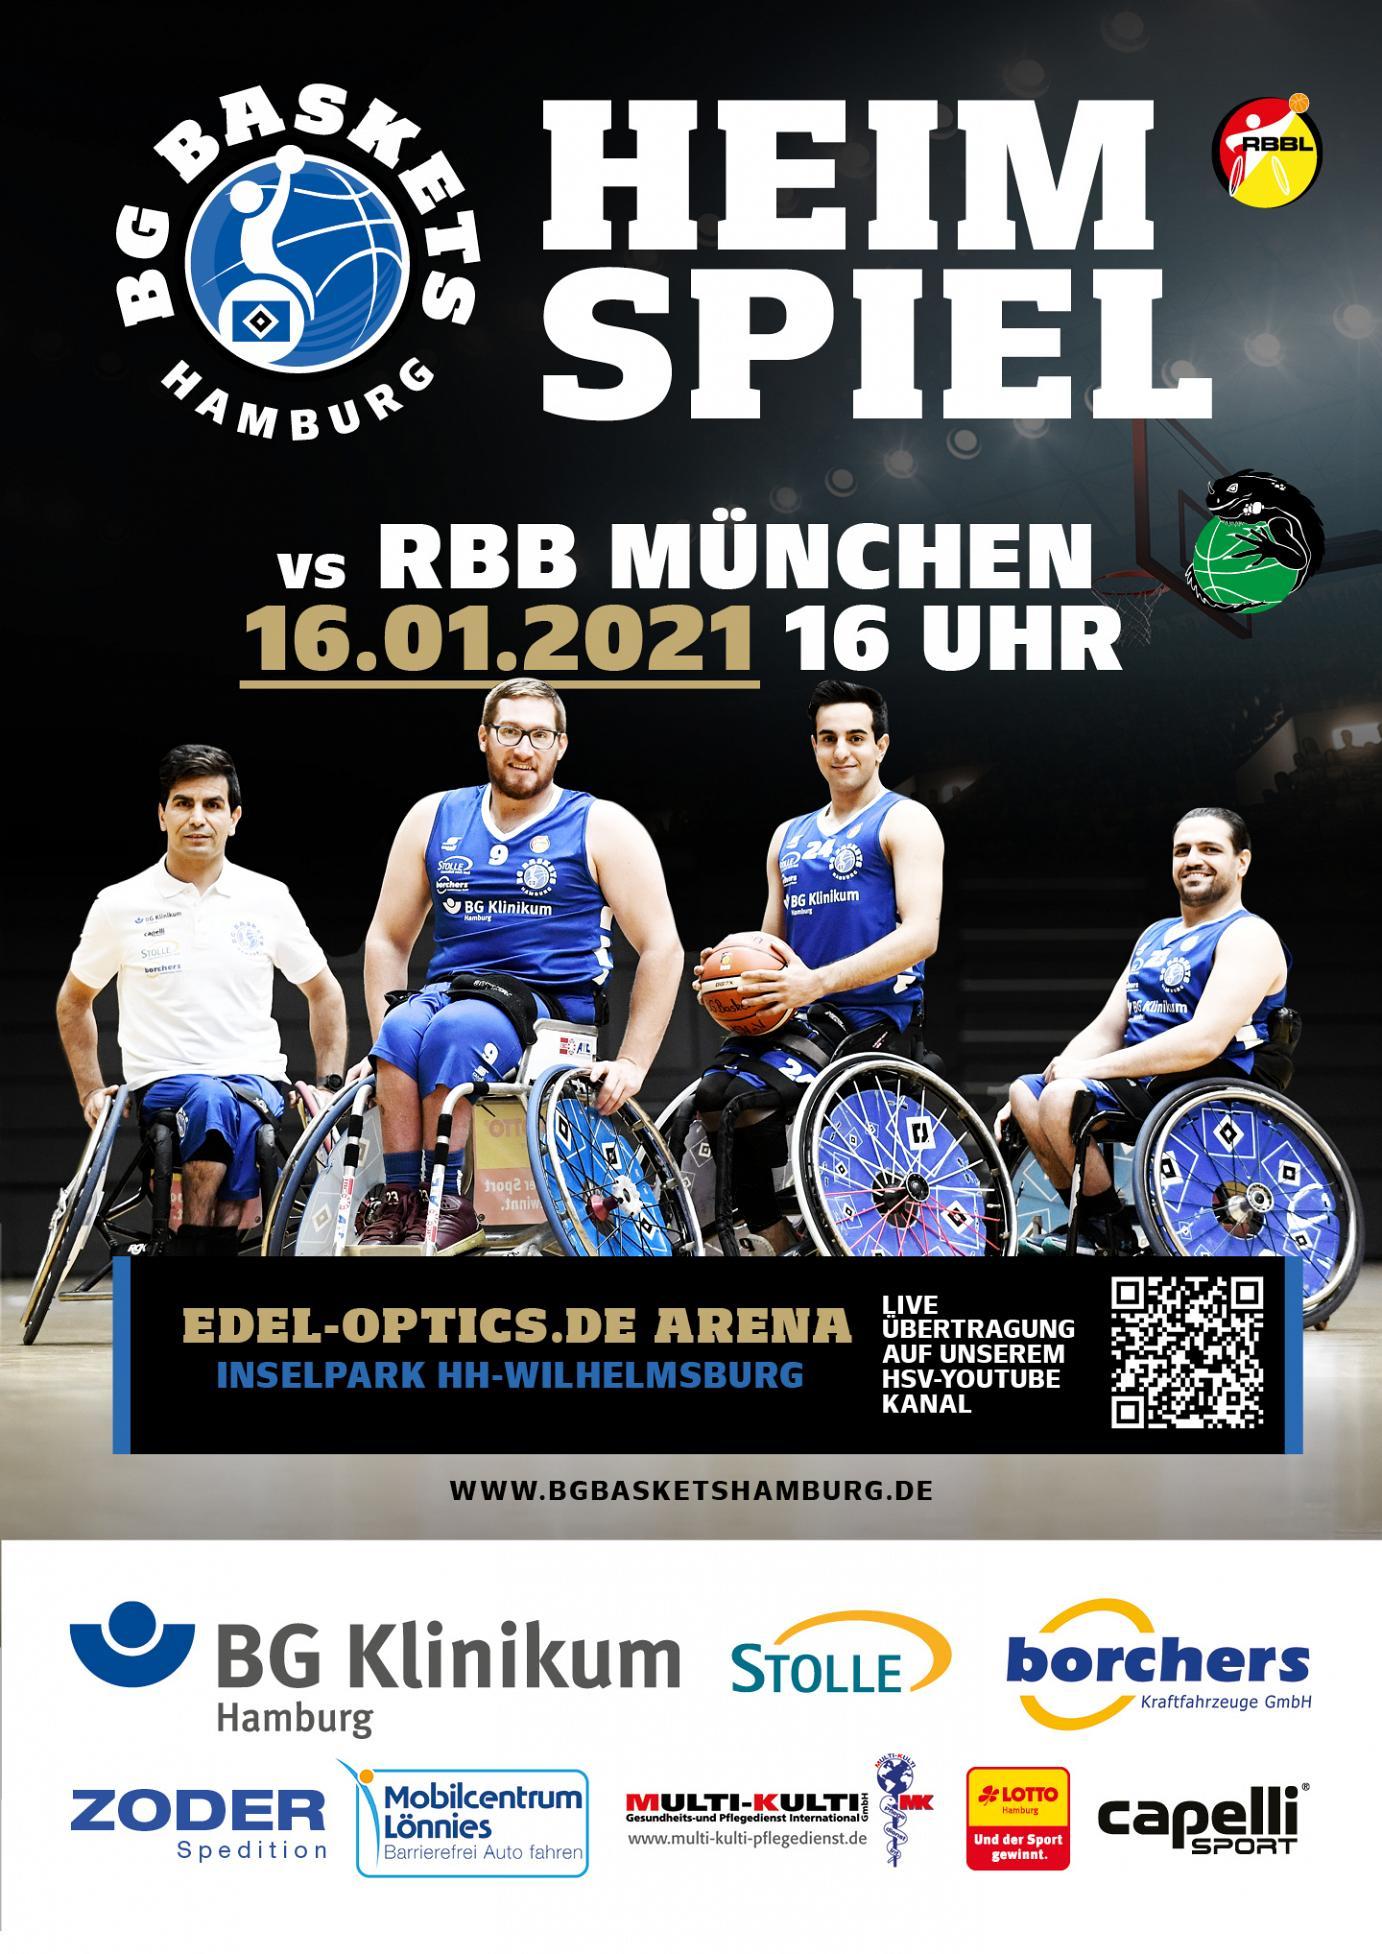 Plakat der BG-Baskets zum ersten Heimspiel am 16.01.2021